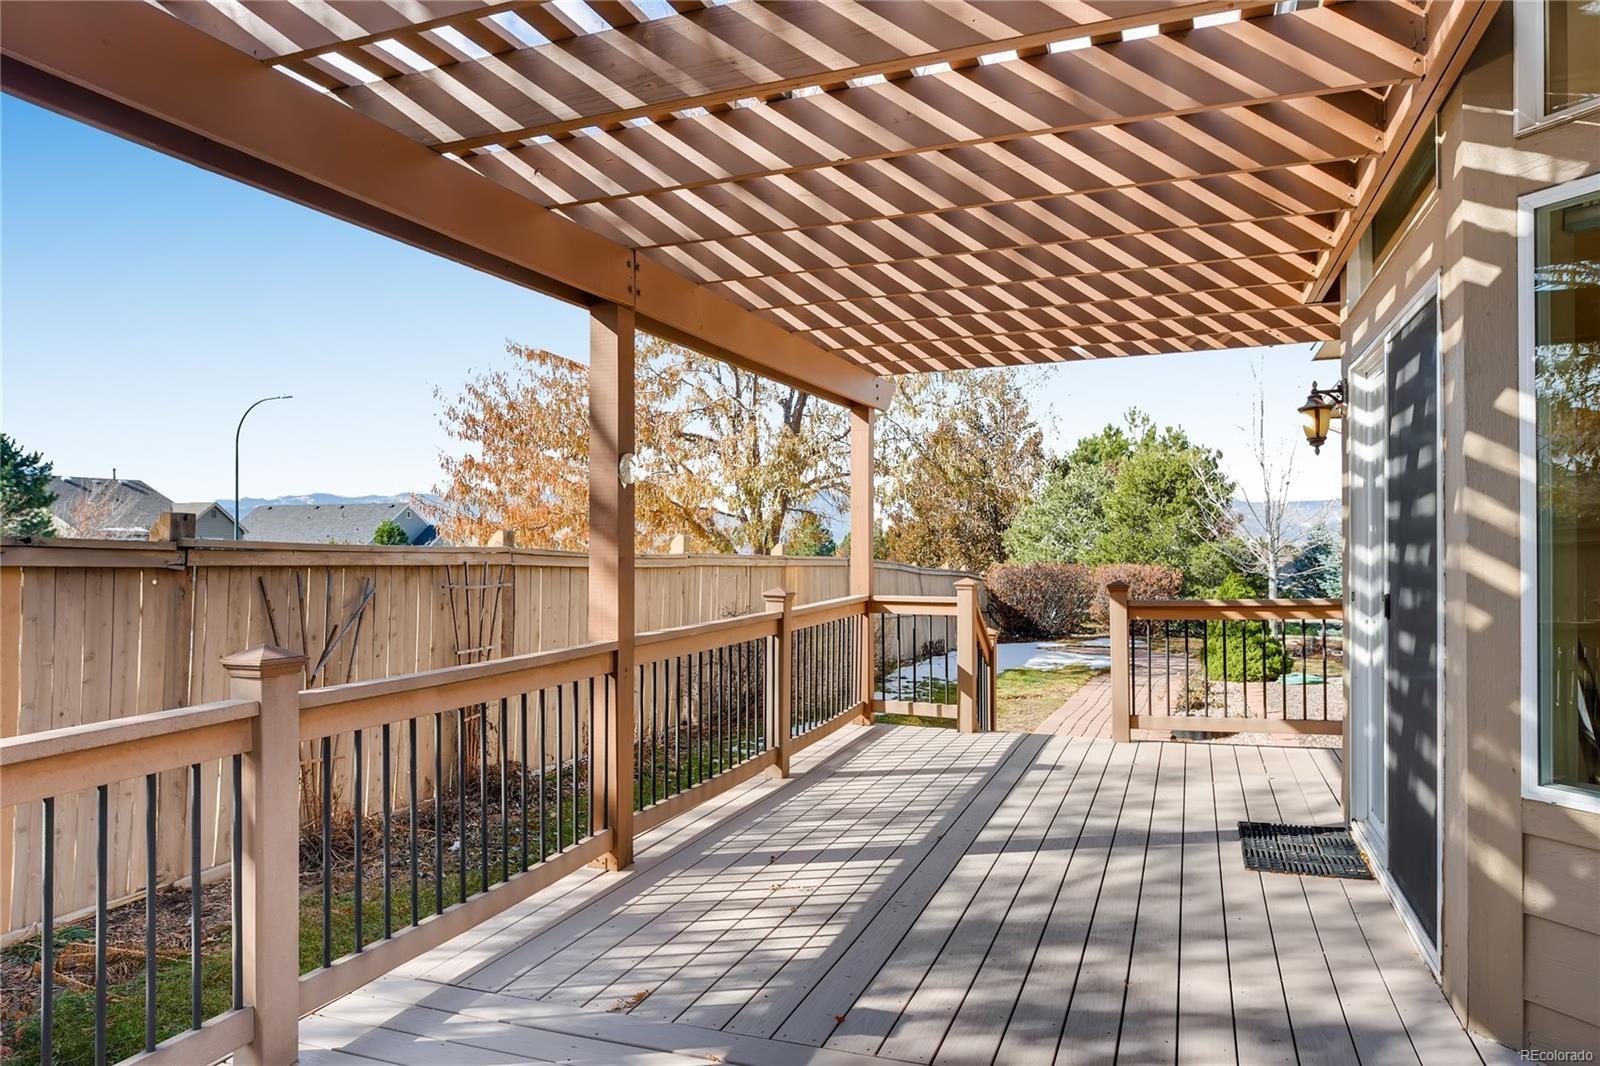 MLS# 2426791 - 25 - 10341 Royal Eagle Lane, Highlands Ranch, CO 80129